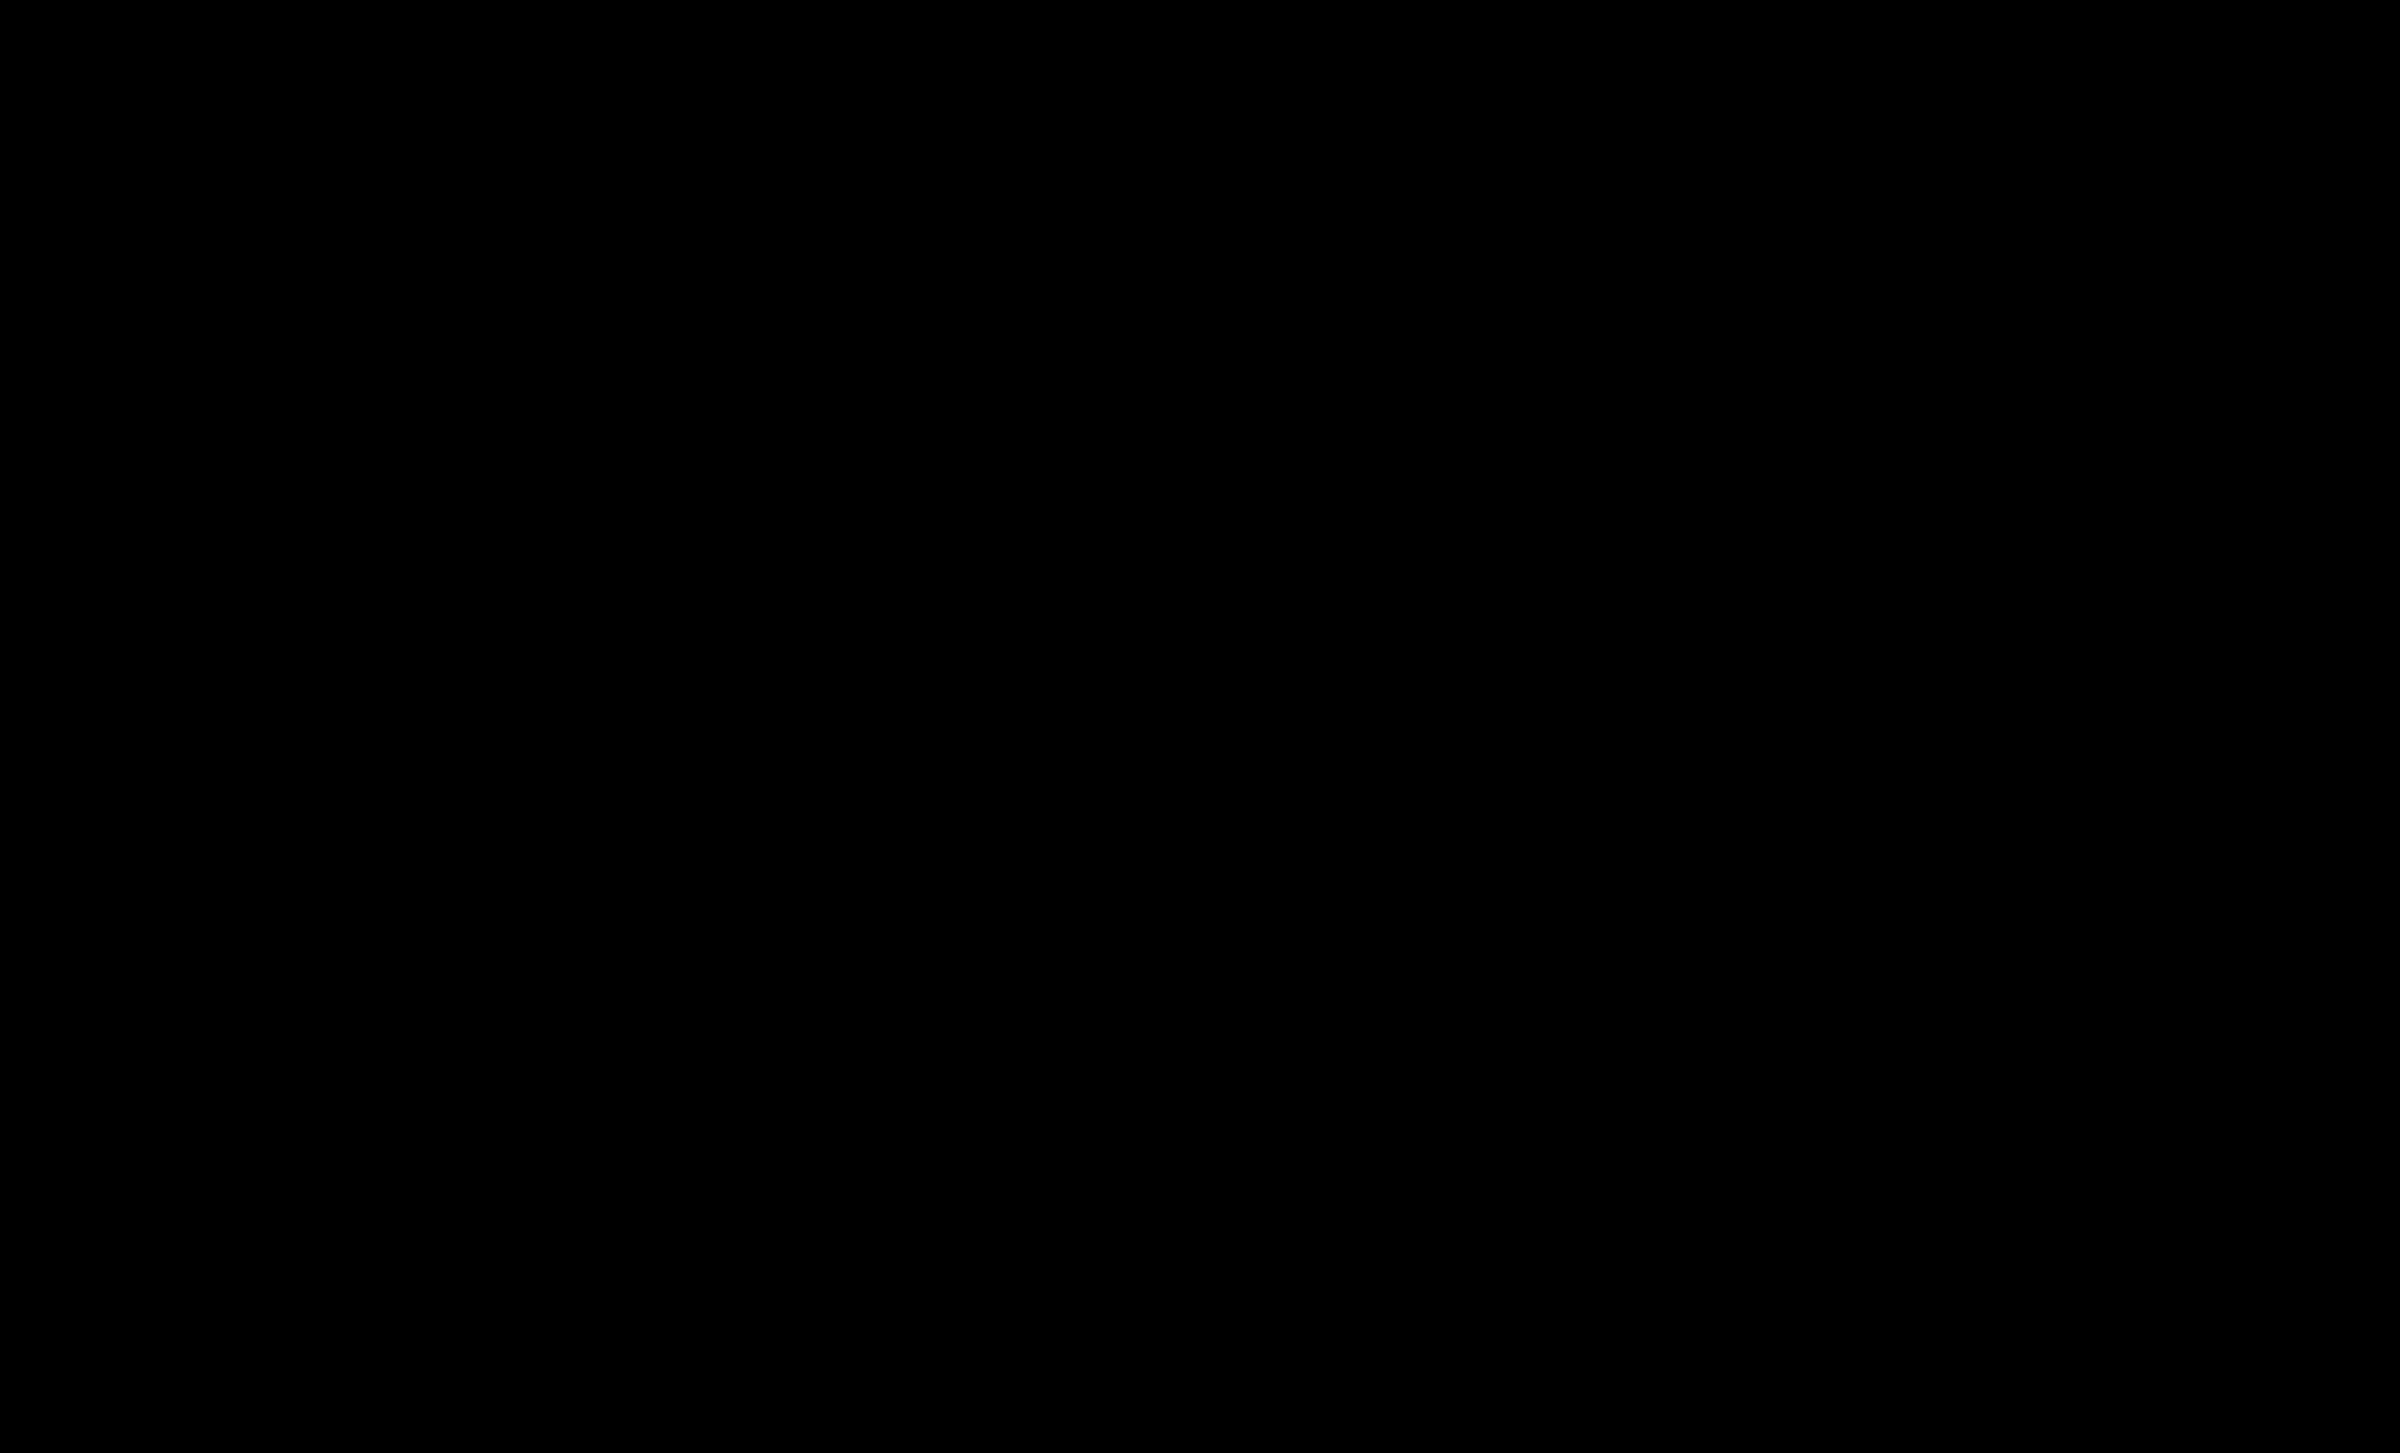 Clipart trumpet icon